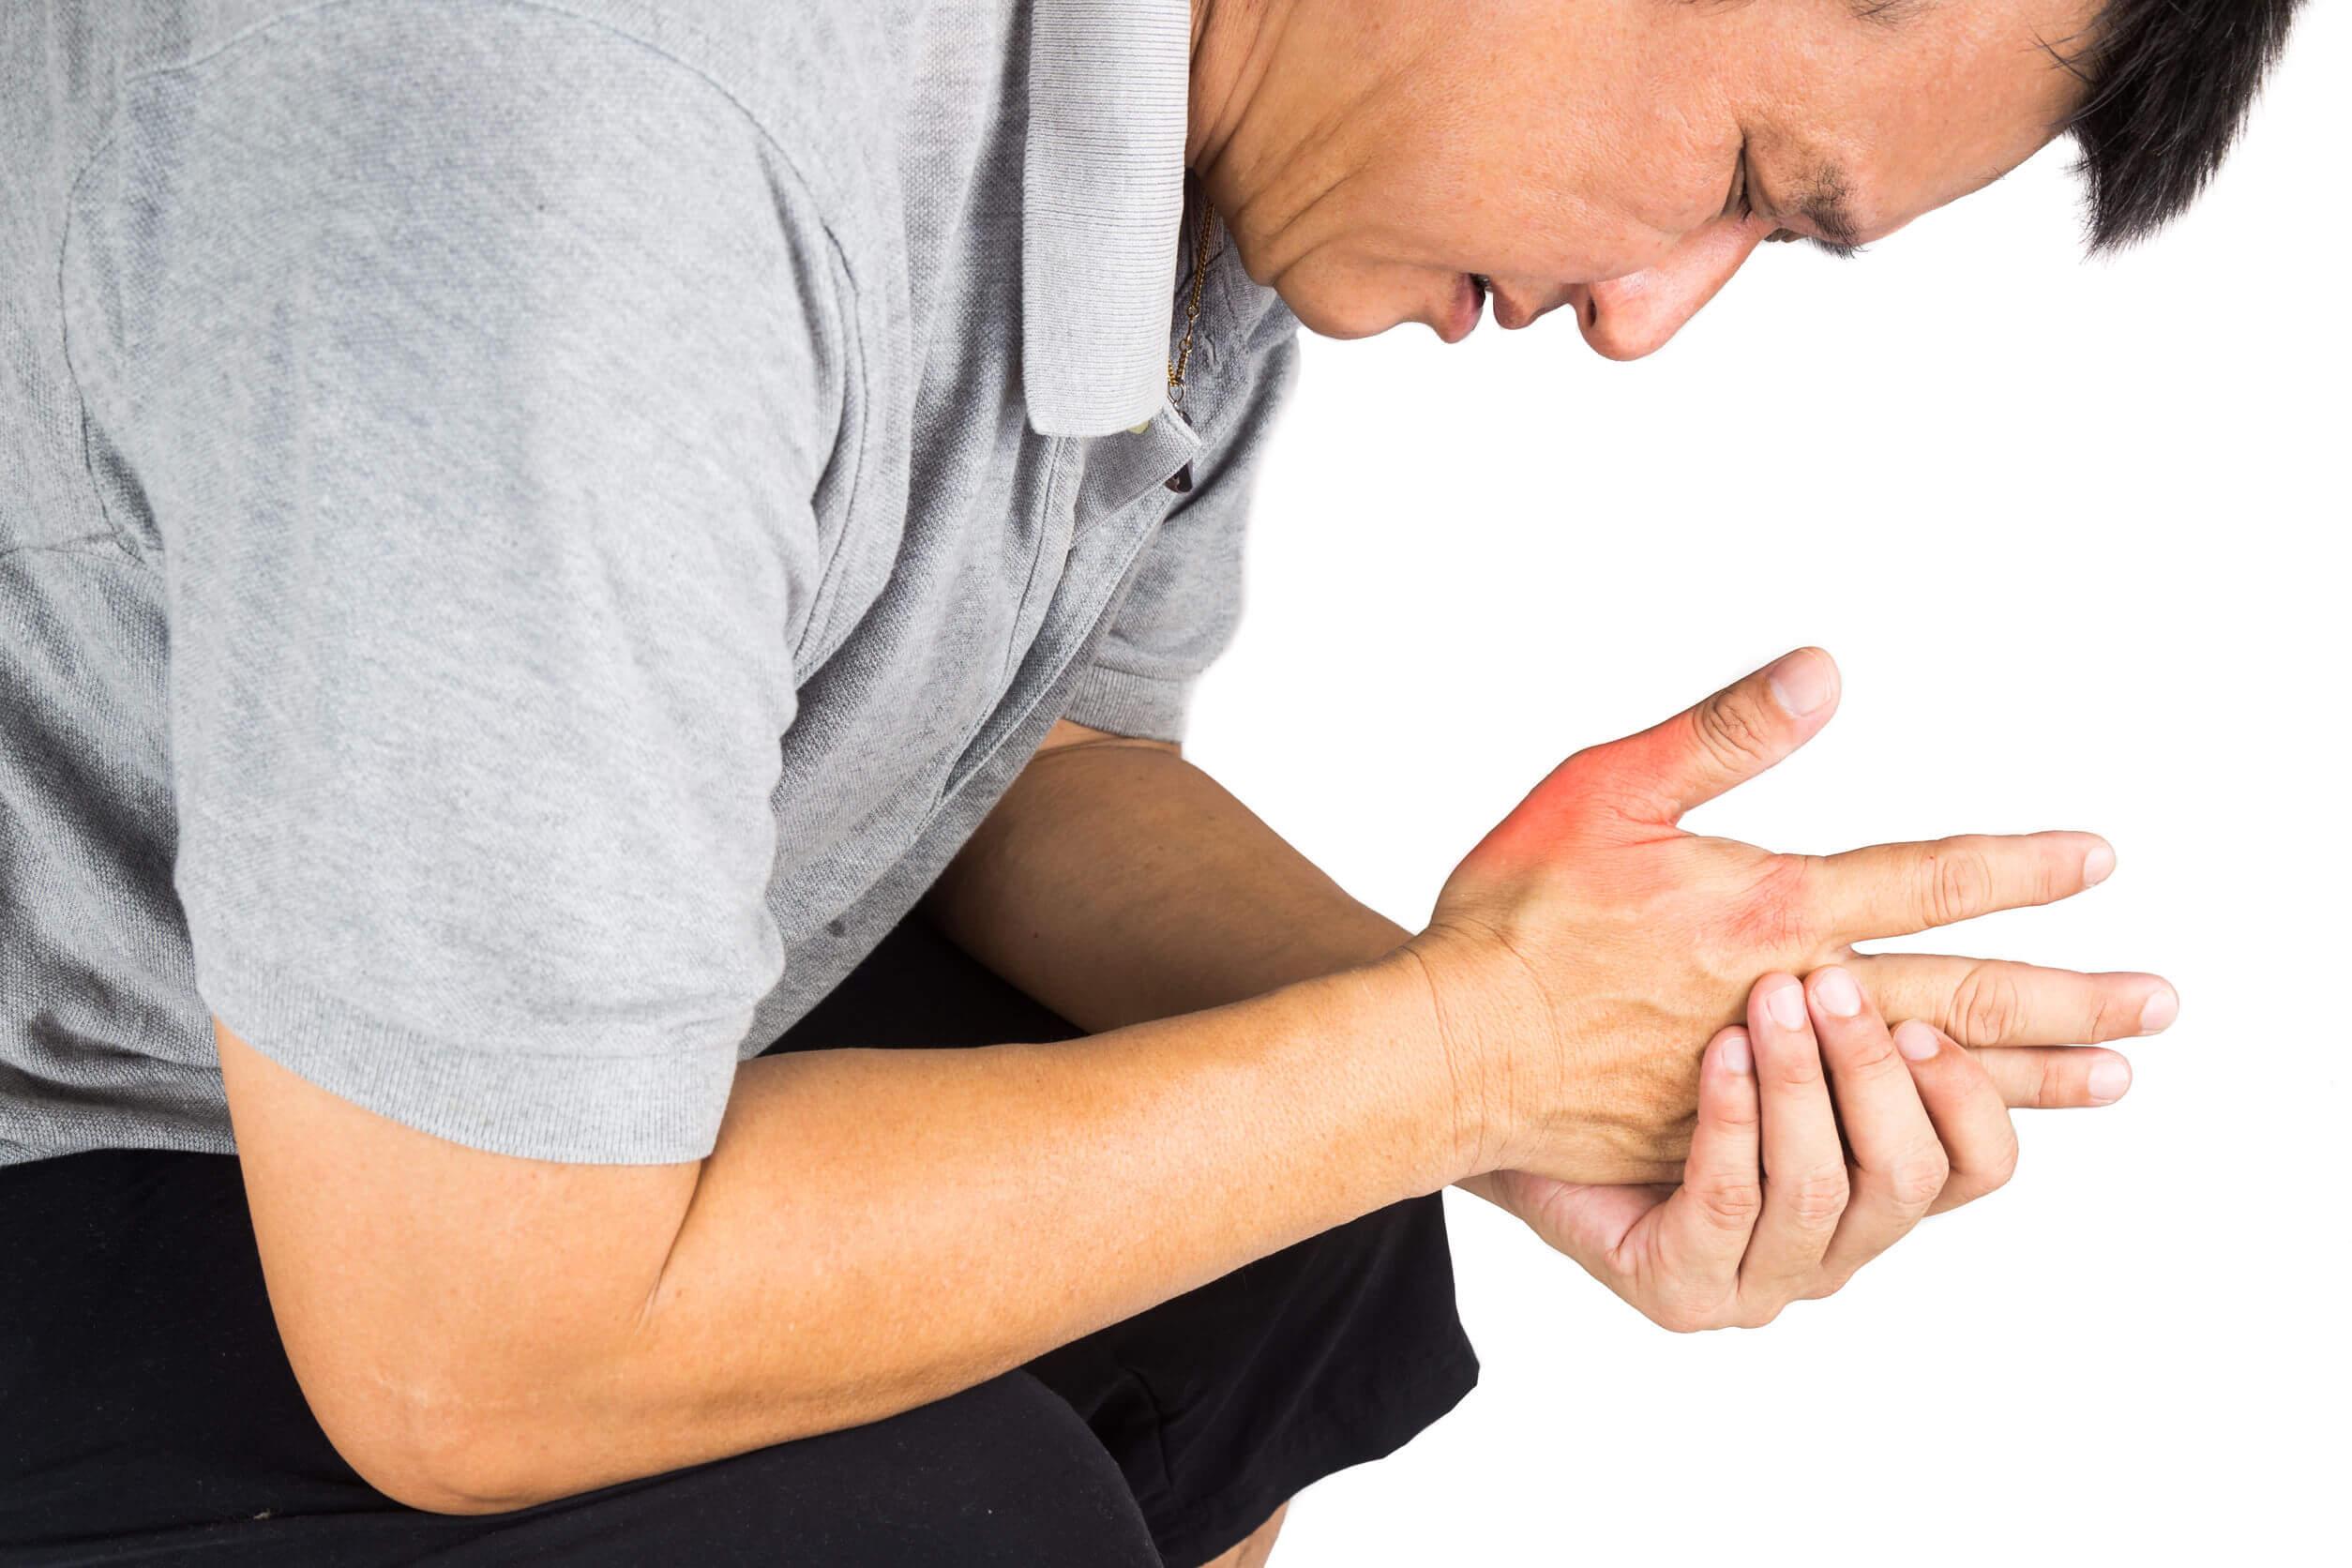 La artritis infecciosa ocasiona dolor.